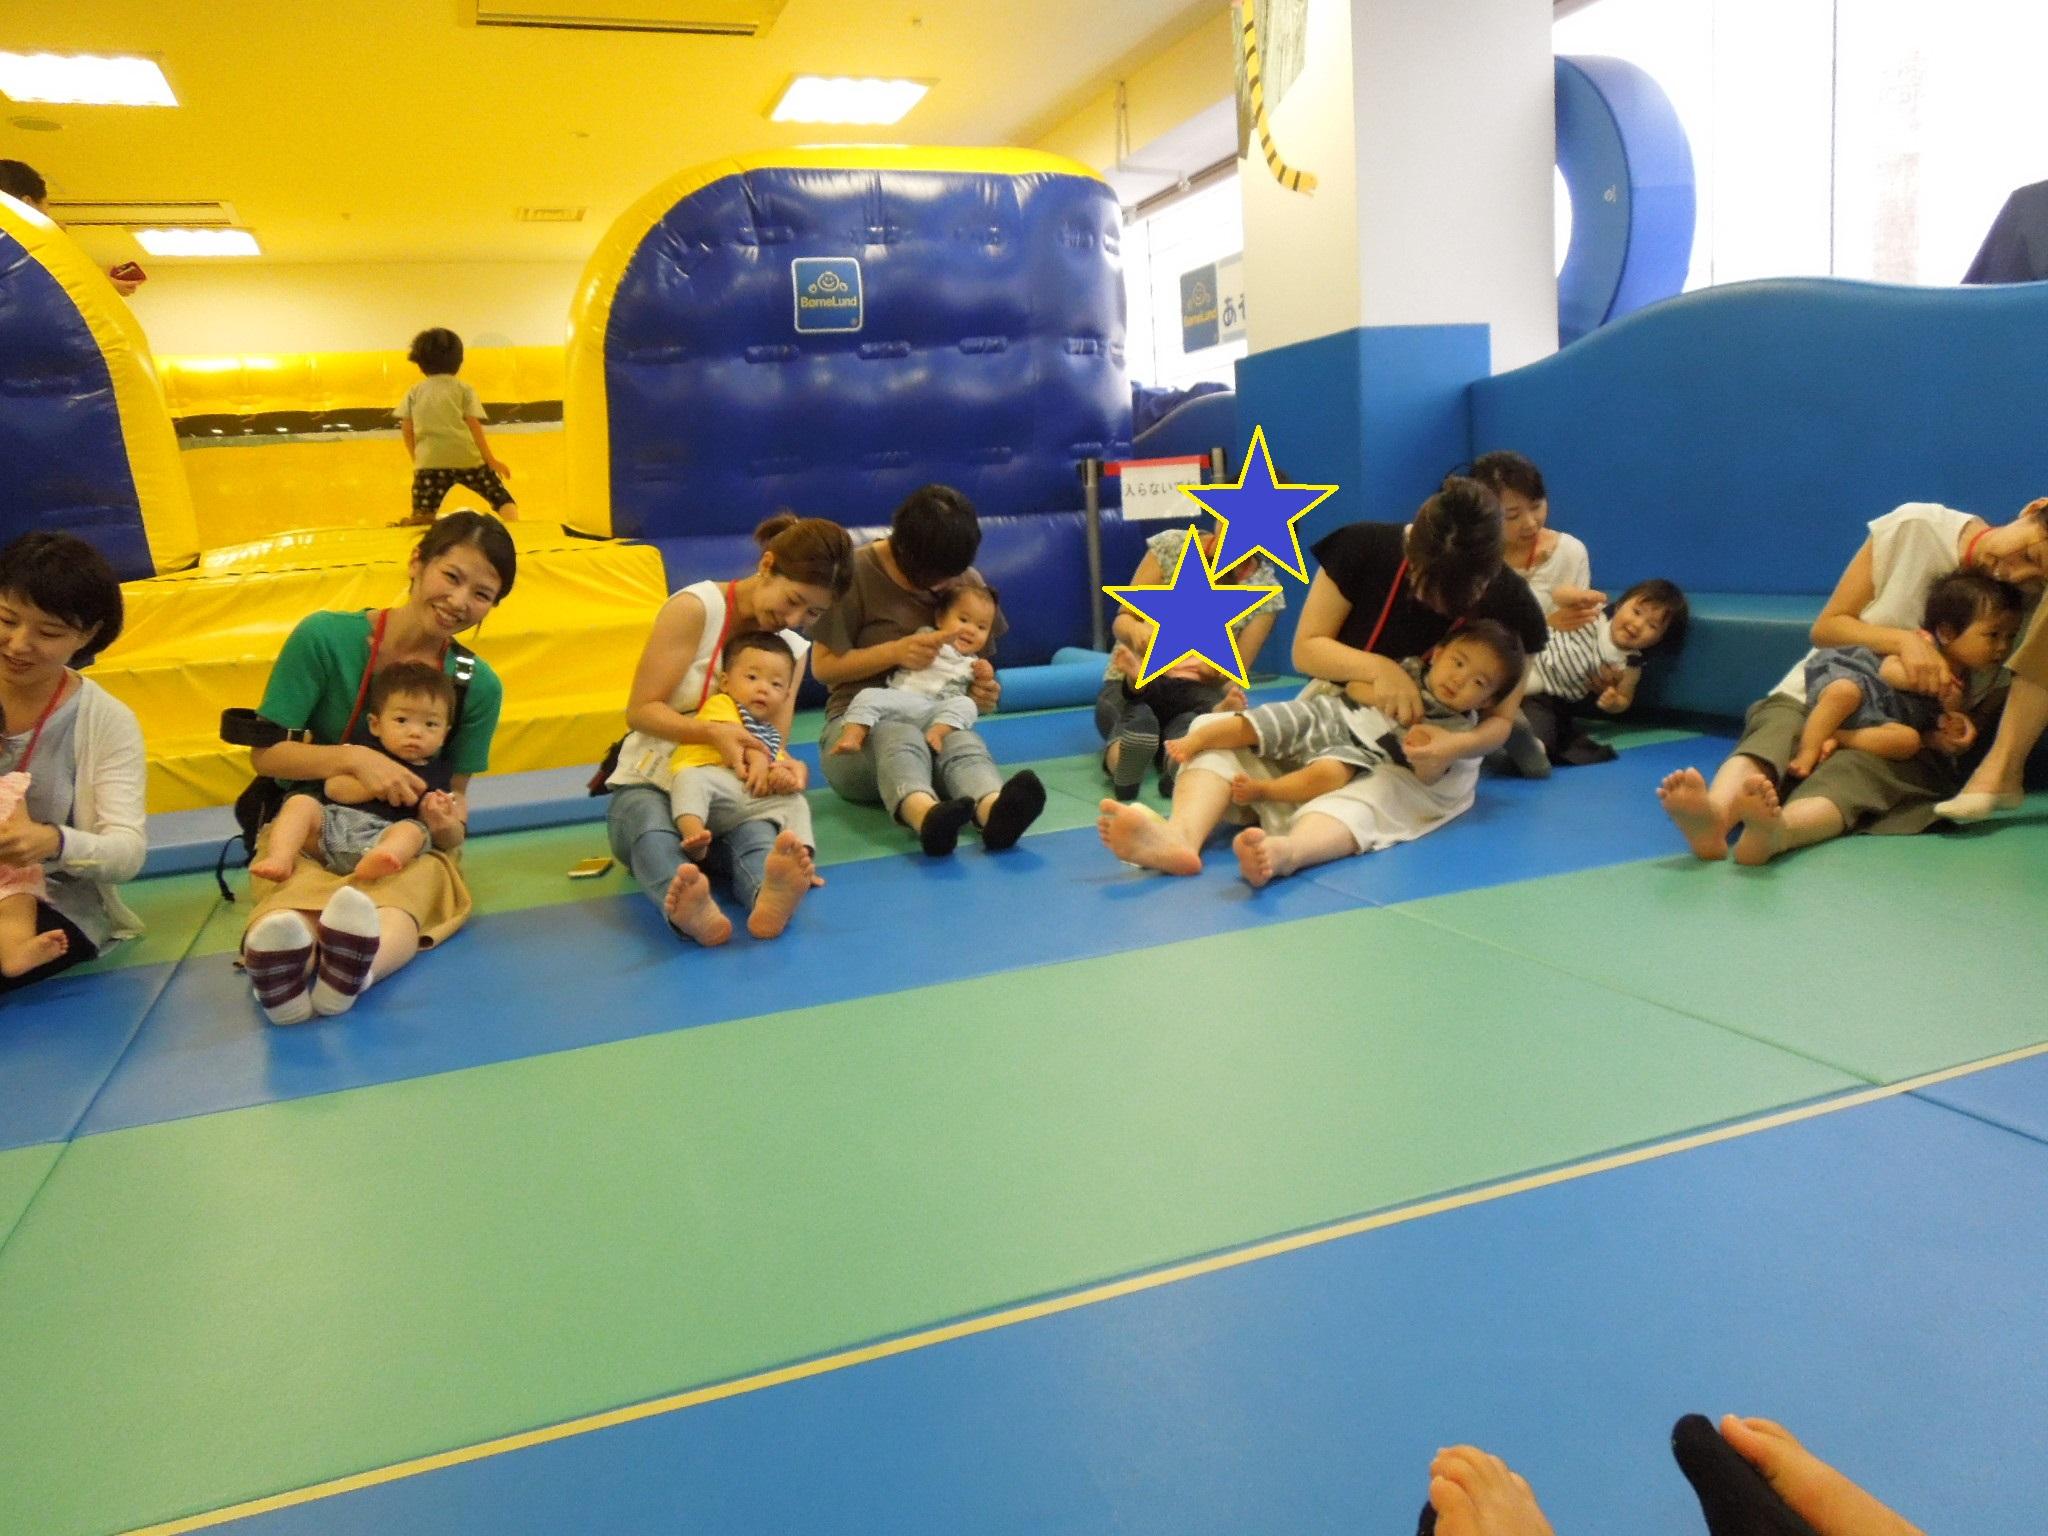 7月24日(火)赤ちゃんの日「ハイハイレース」のご報告